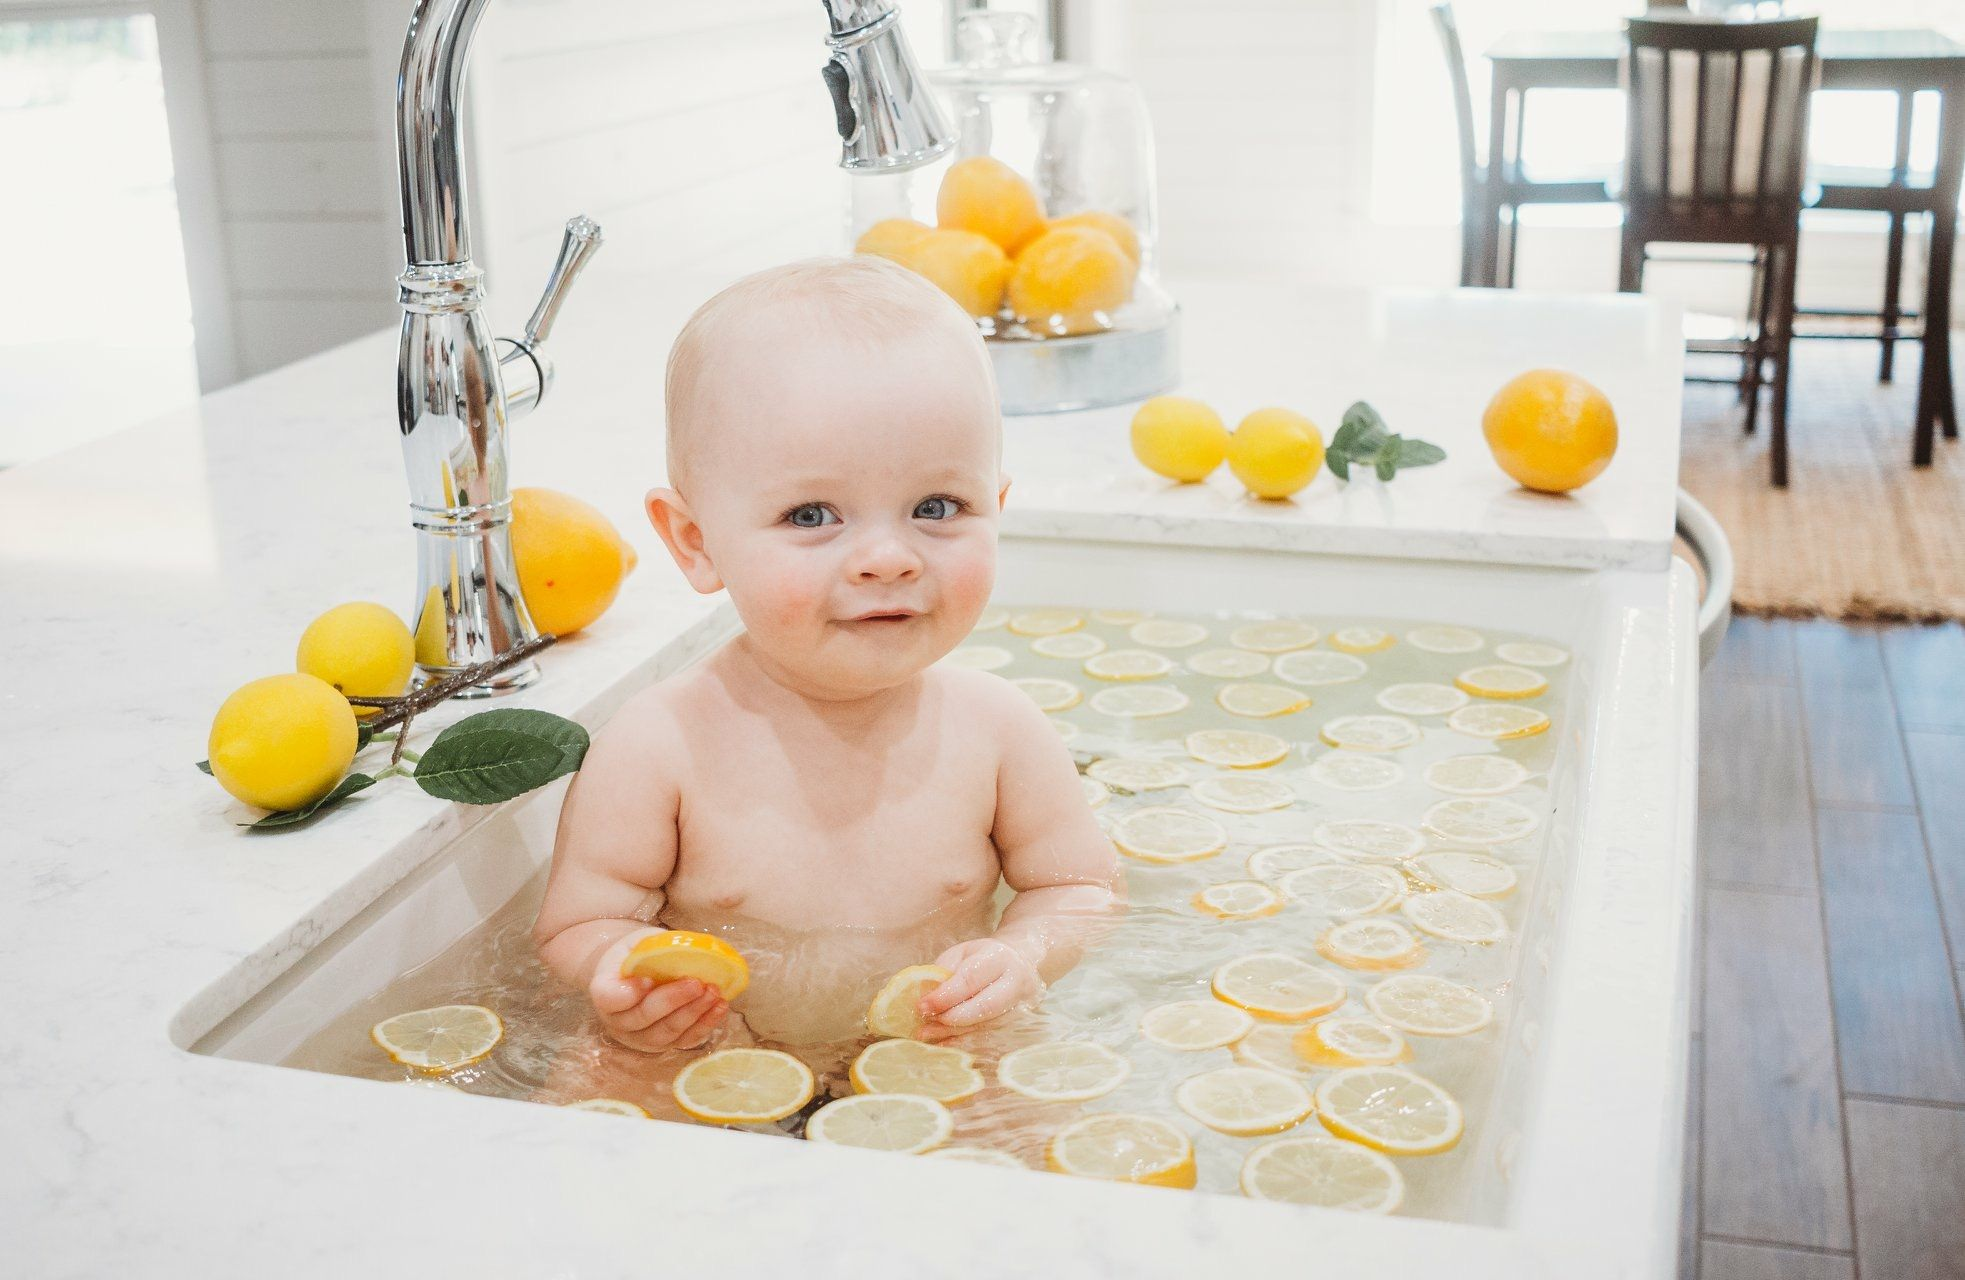 Idee Fotografiche Per Bambini : Pin di rita field su future mommy. pinterest